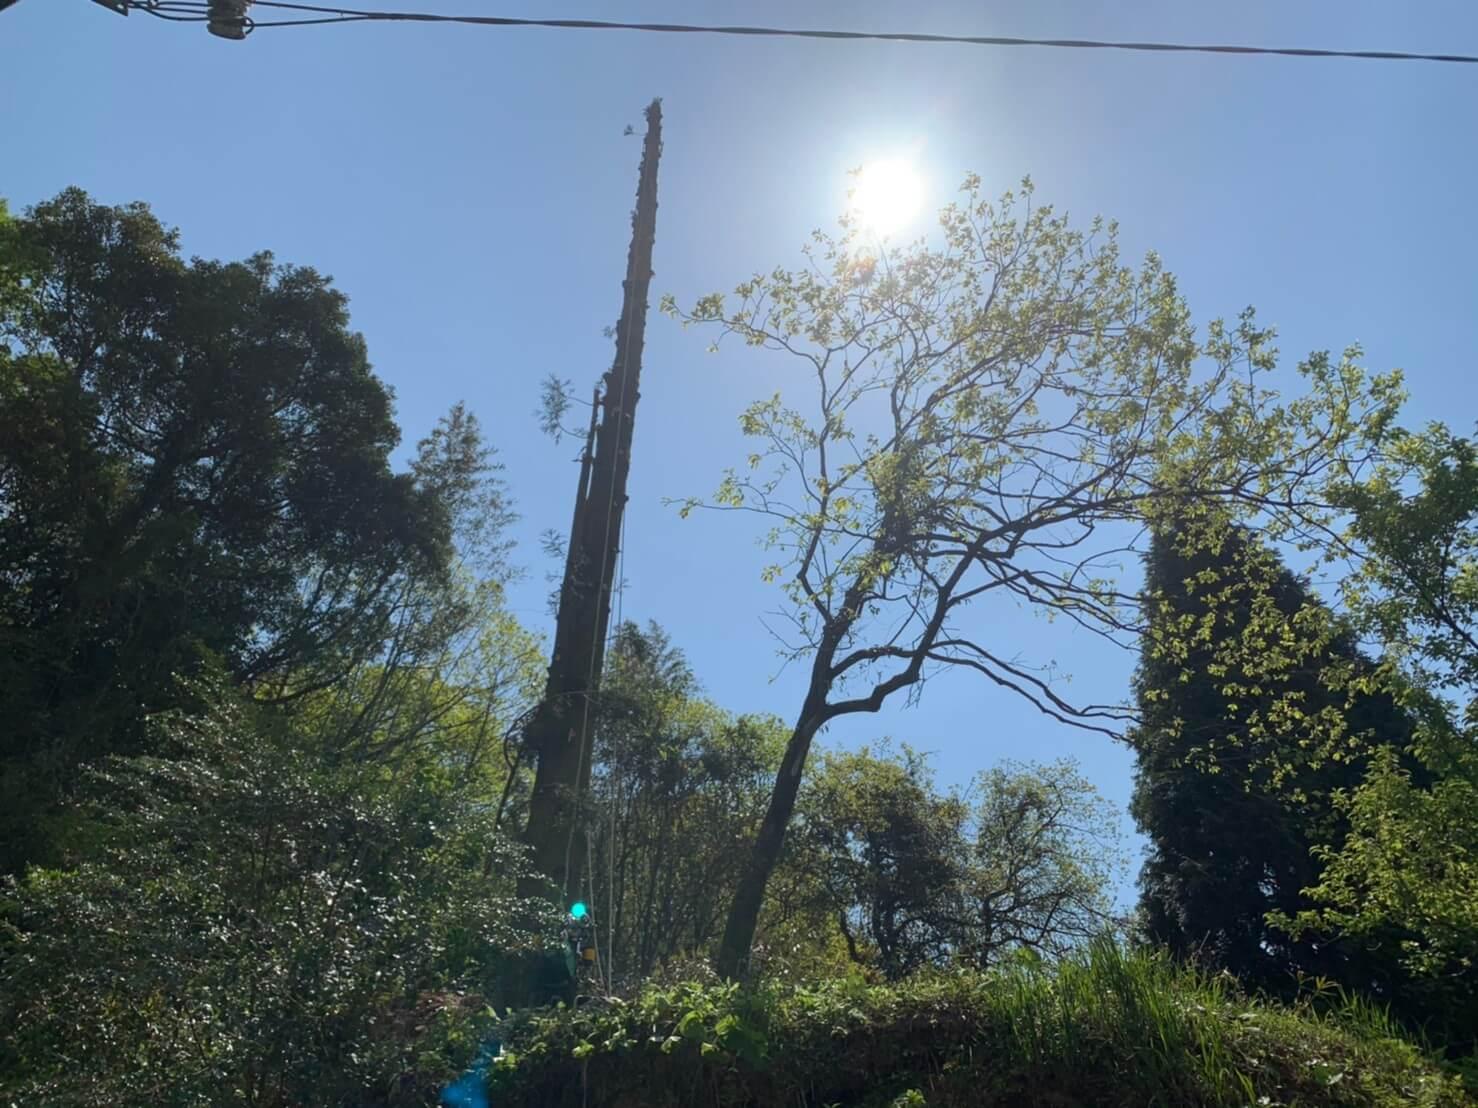 枝葉の無くなった杉の木。高さは24m程度ありました。